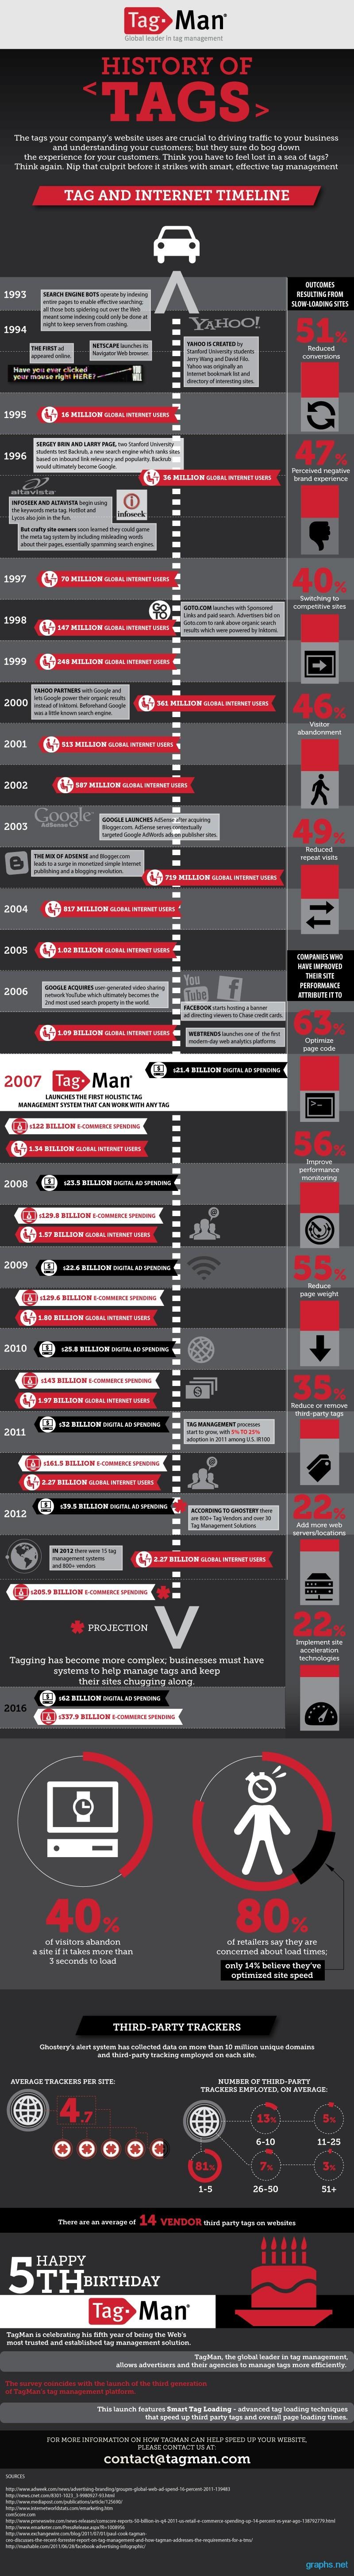 tag internet timeline